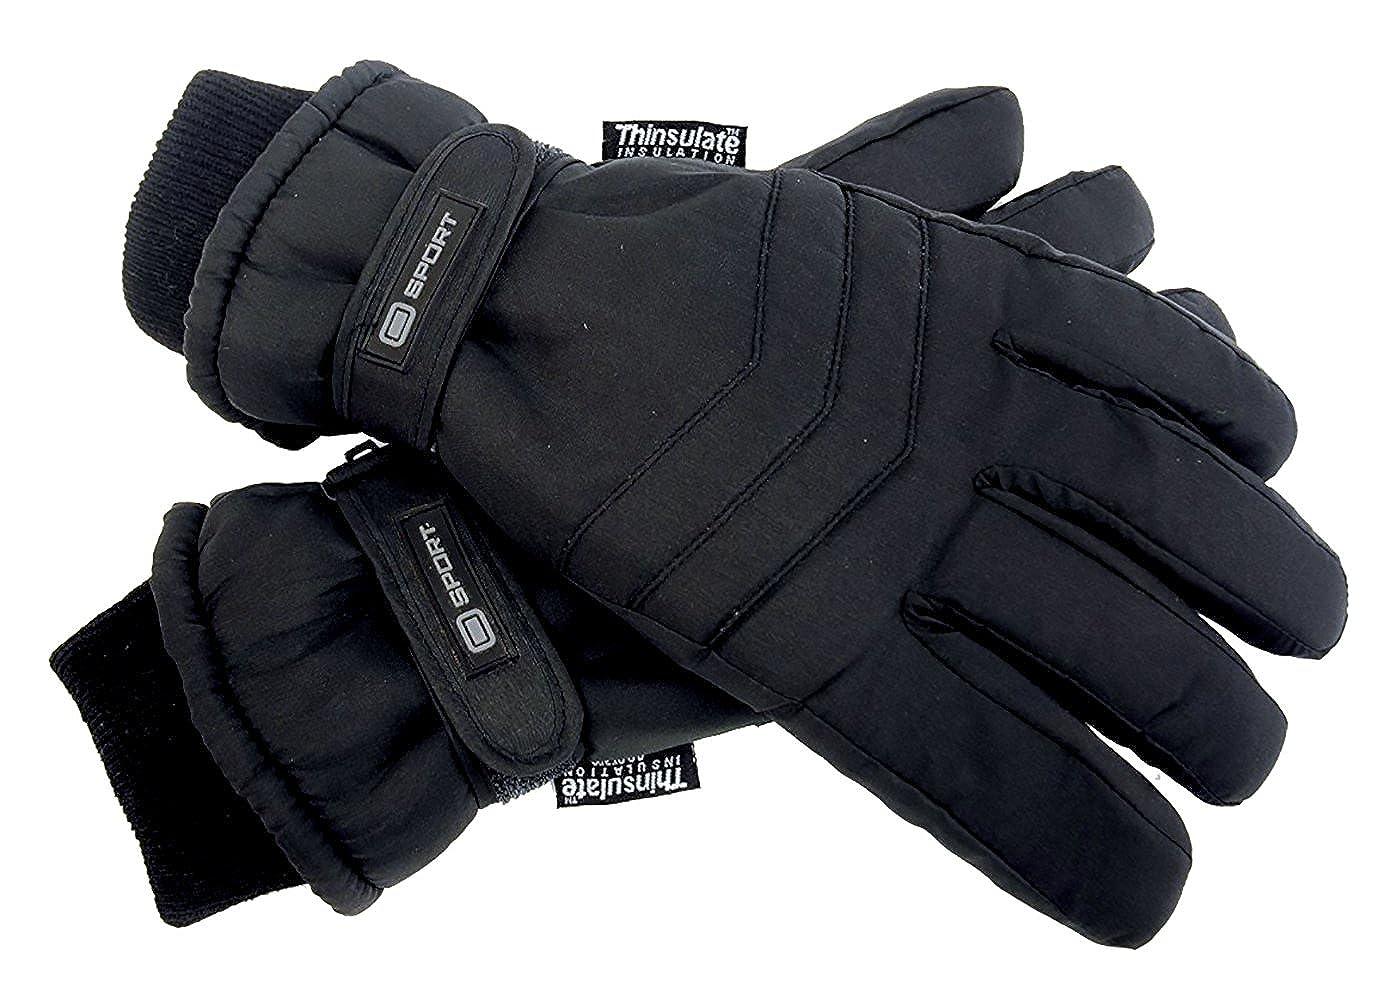 Thinsulate Herren 3M Schwarz Thermo Leicht Wasserdicht Extra Warm Outdoor Skihandschuhe mit Handschlaufe für Winter